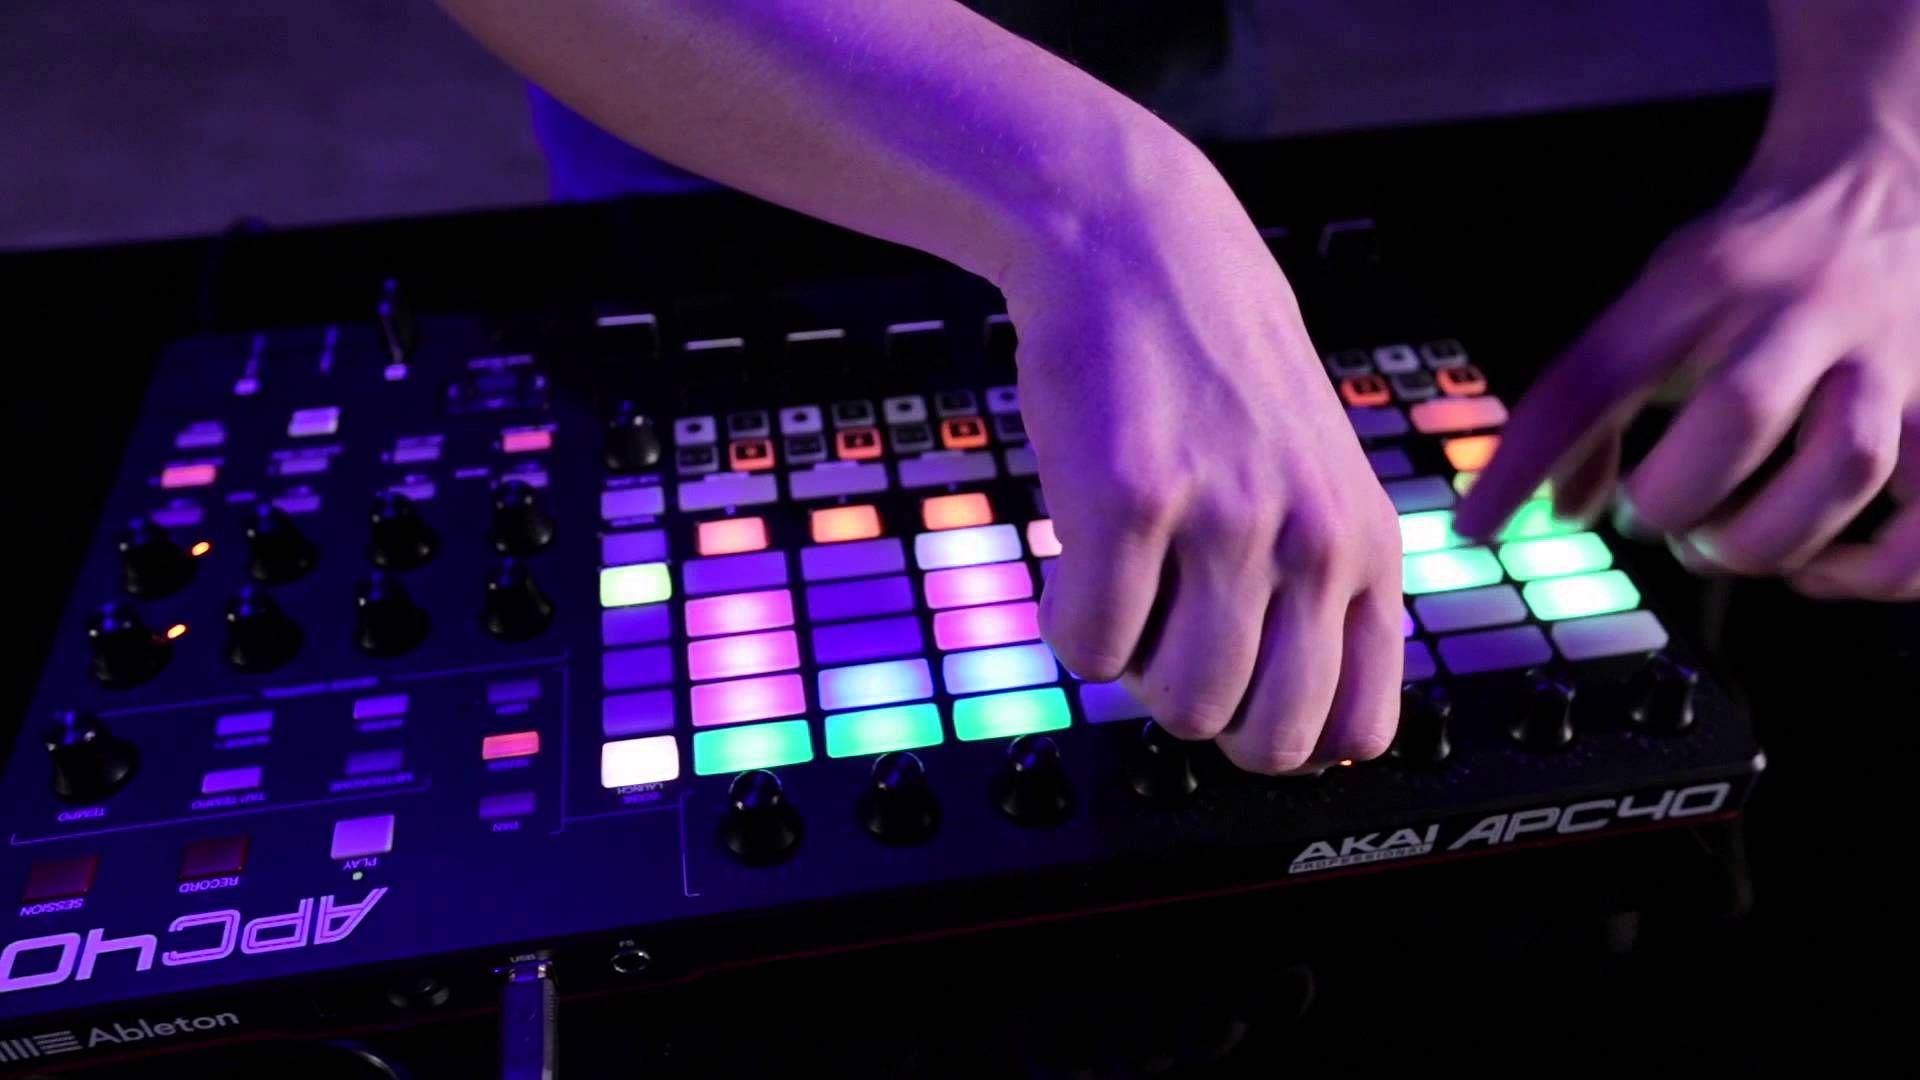 Akai Pro APC40 mkII Performance featuring Carl Rag #Akai #APC40